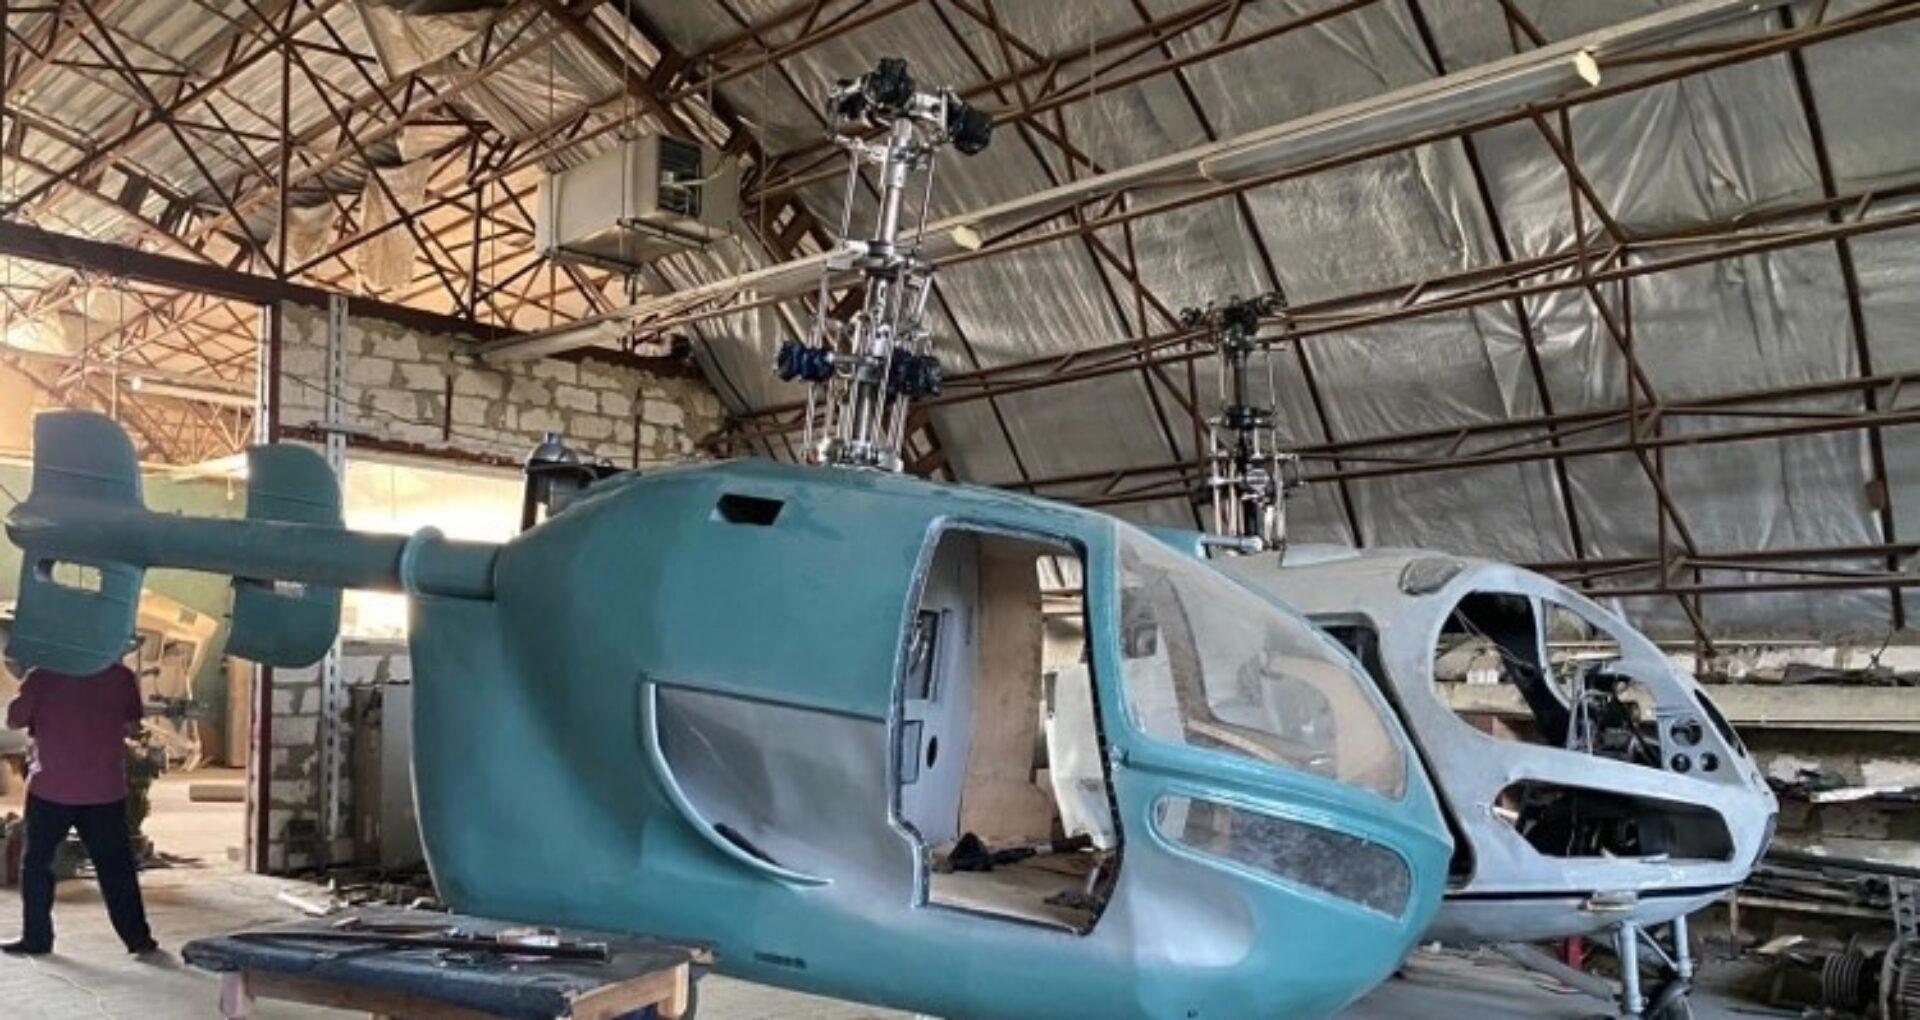 Elicoptere produse la Criuleni: Locuitori ai regiunii transnistrene făceau aparate de zbor și urmau să le exporte ilegal în statele CSI